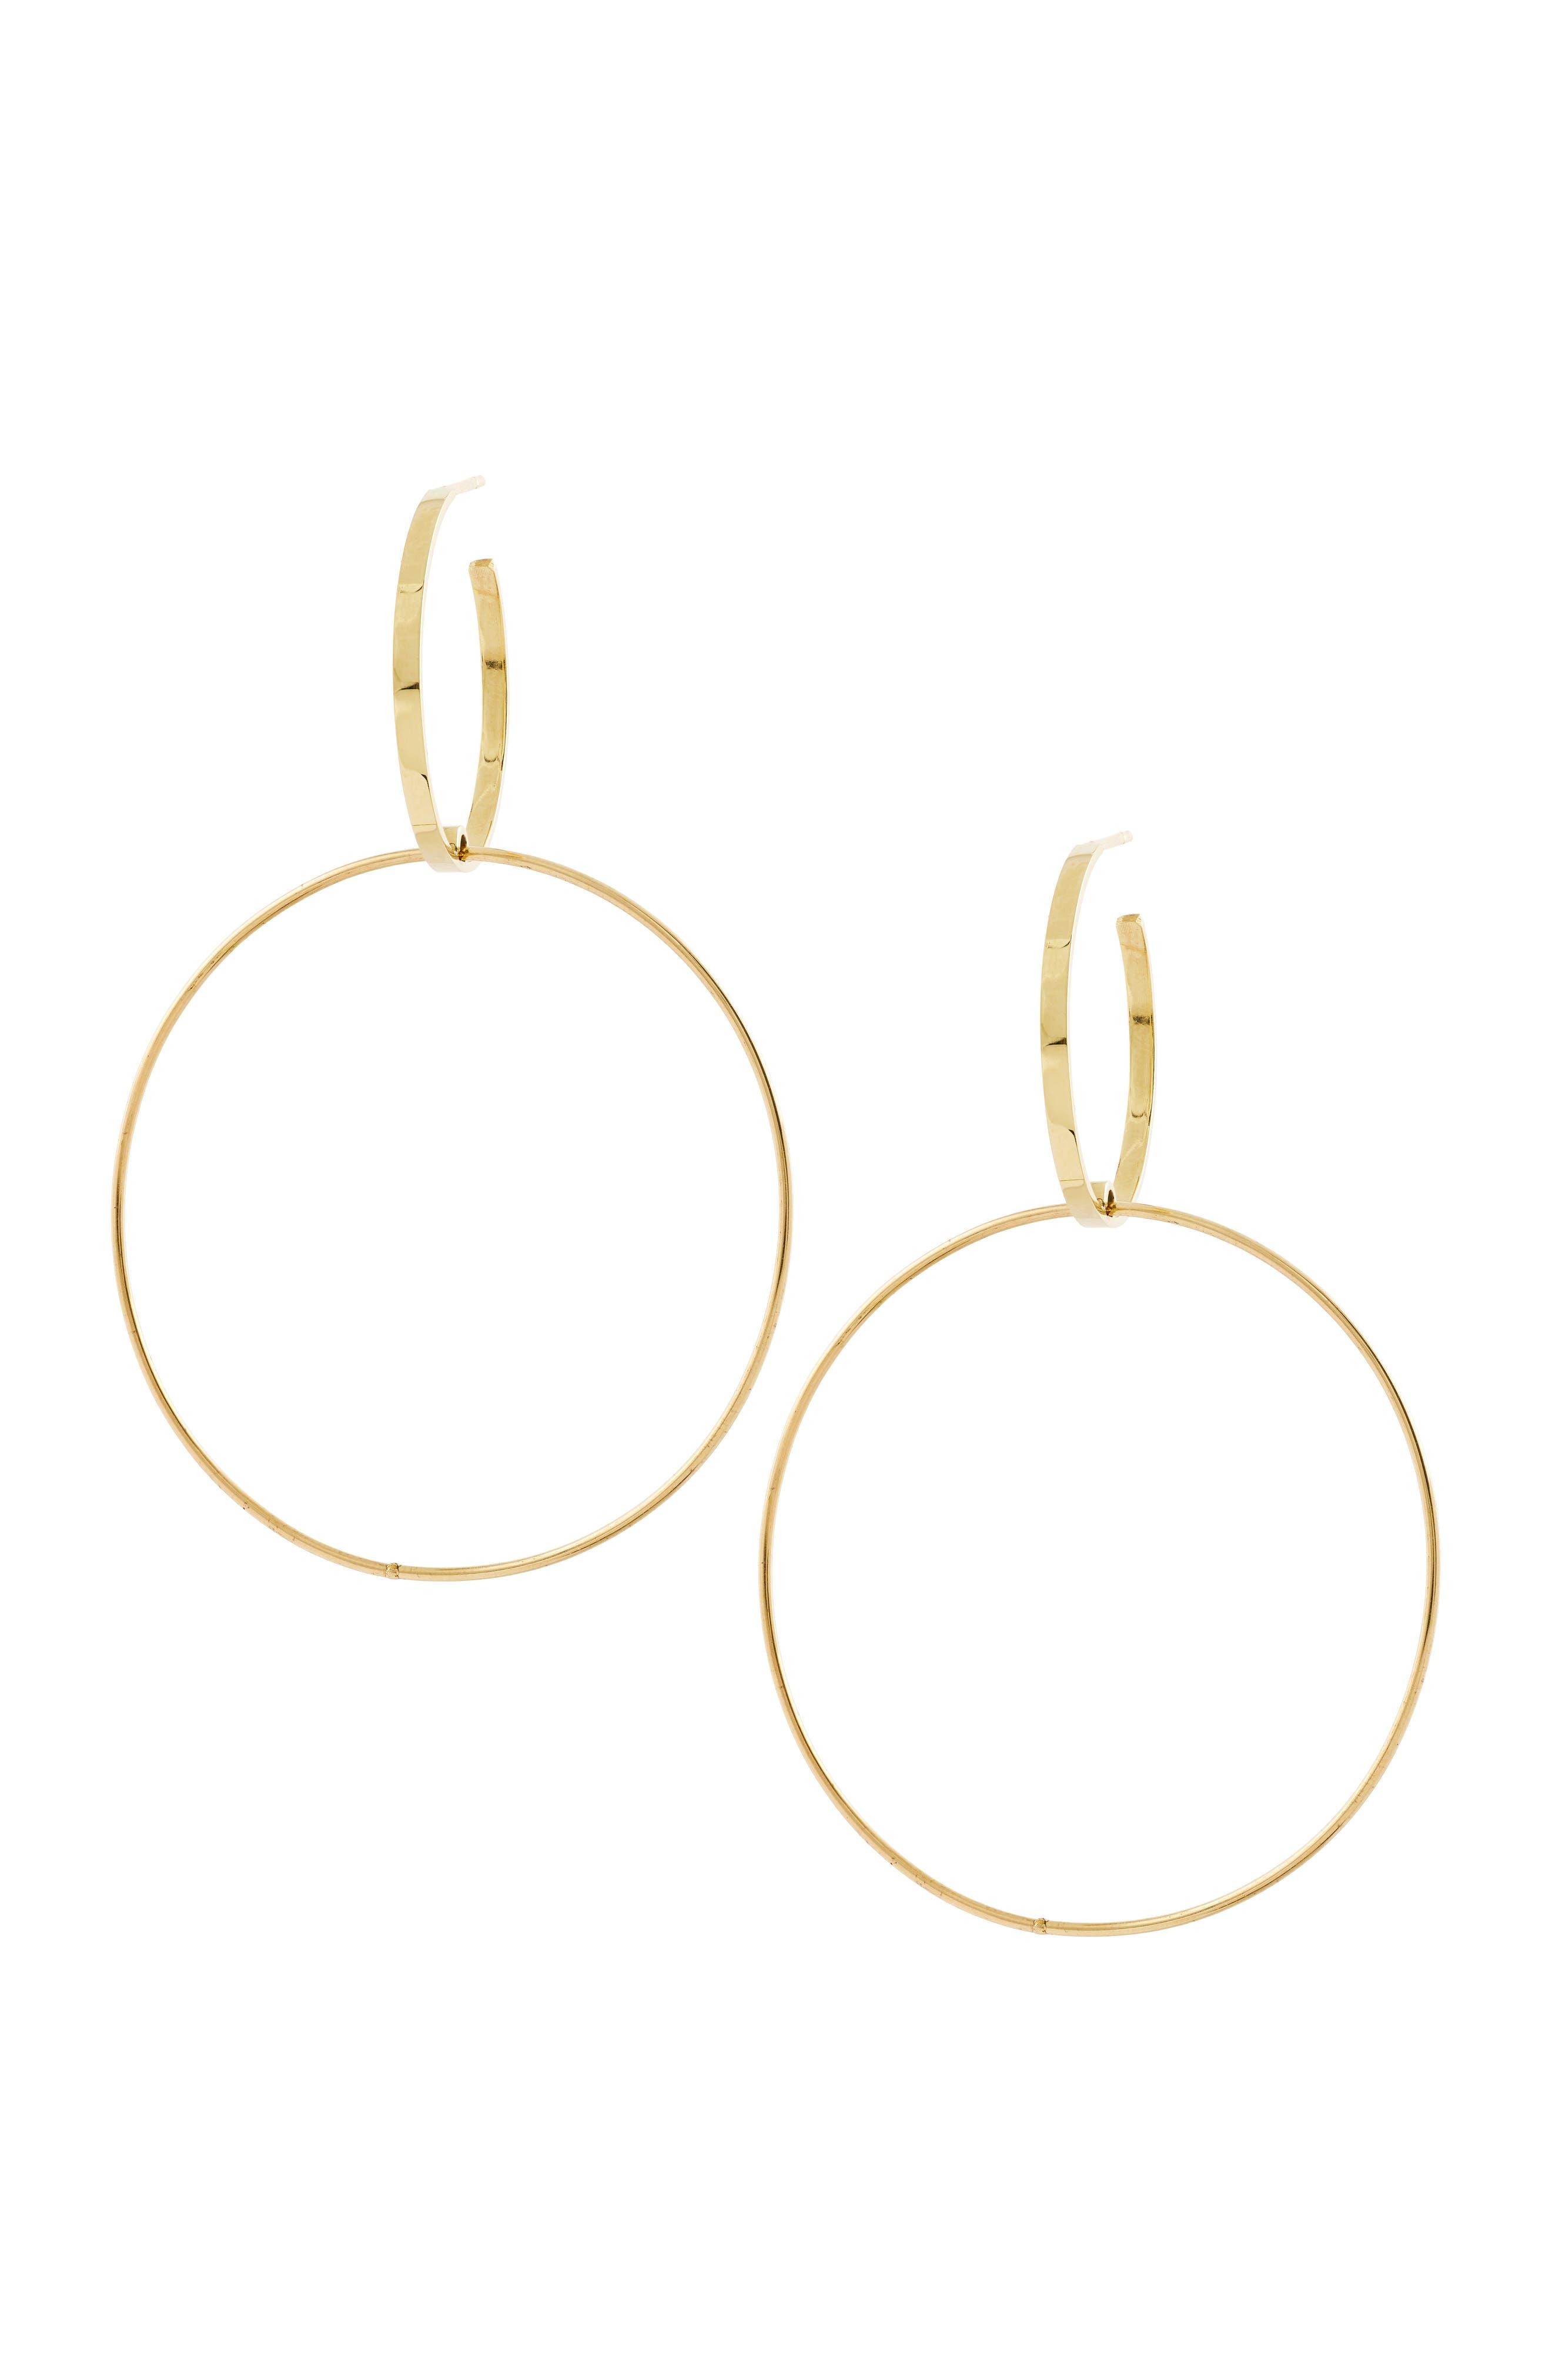 Lana Jewelry Double Bond Hoop Earrings